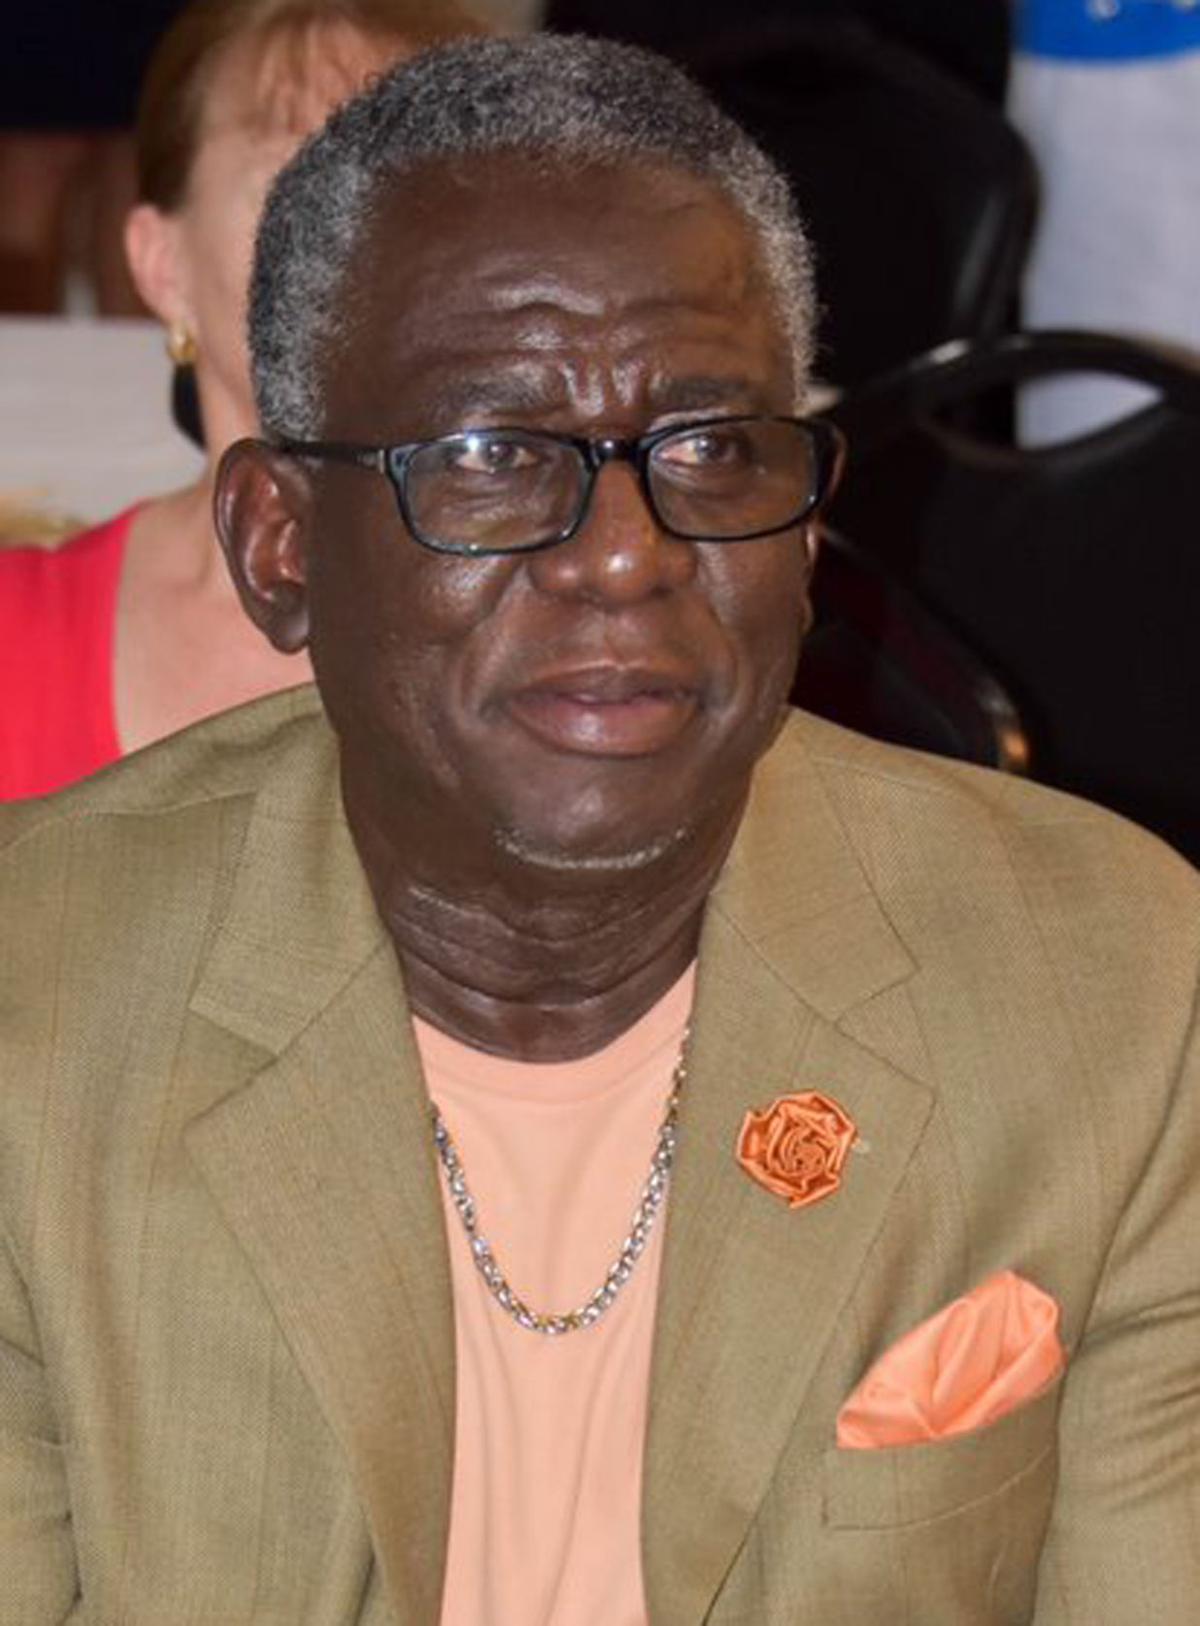 Former Tarpon mayor to run in 2019